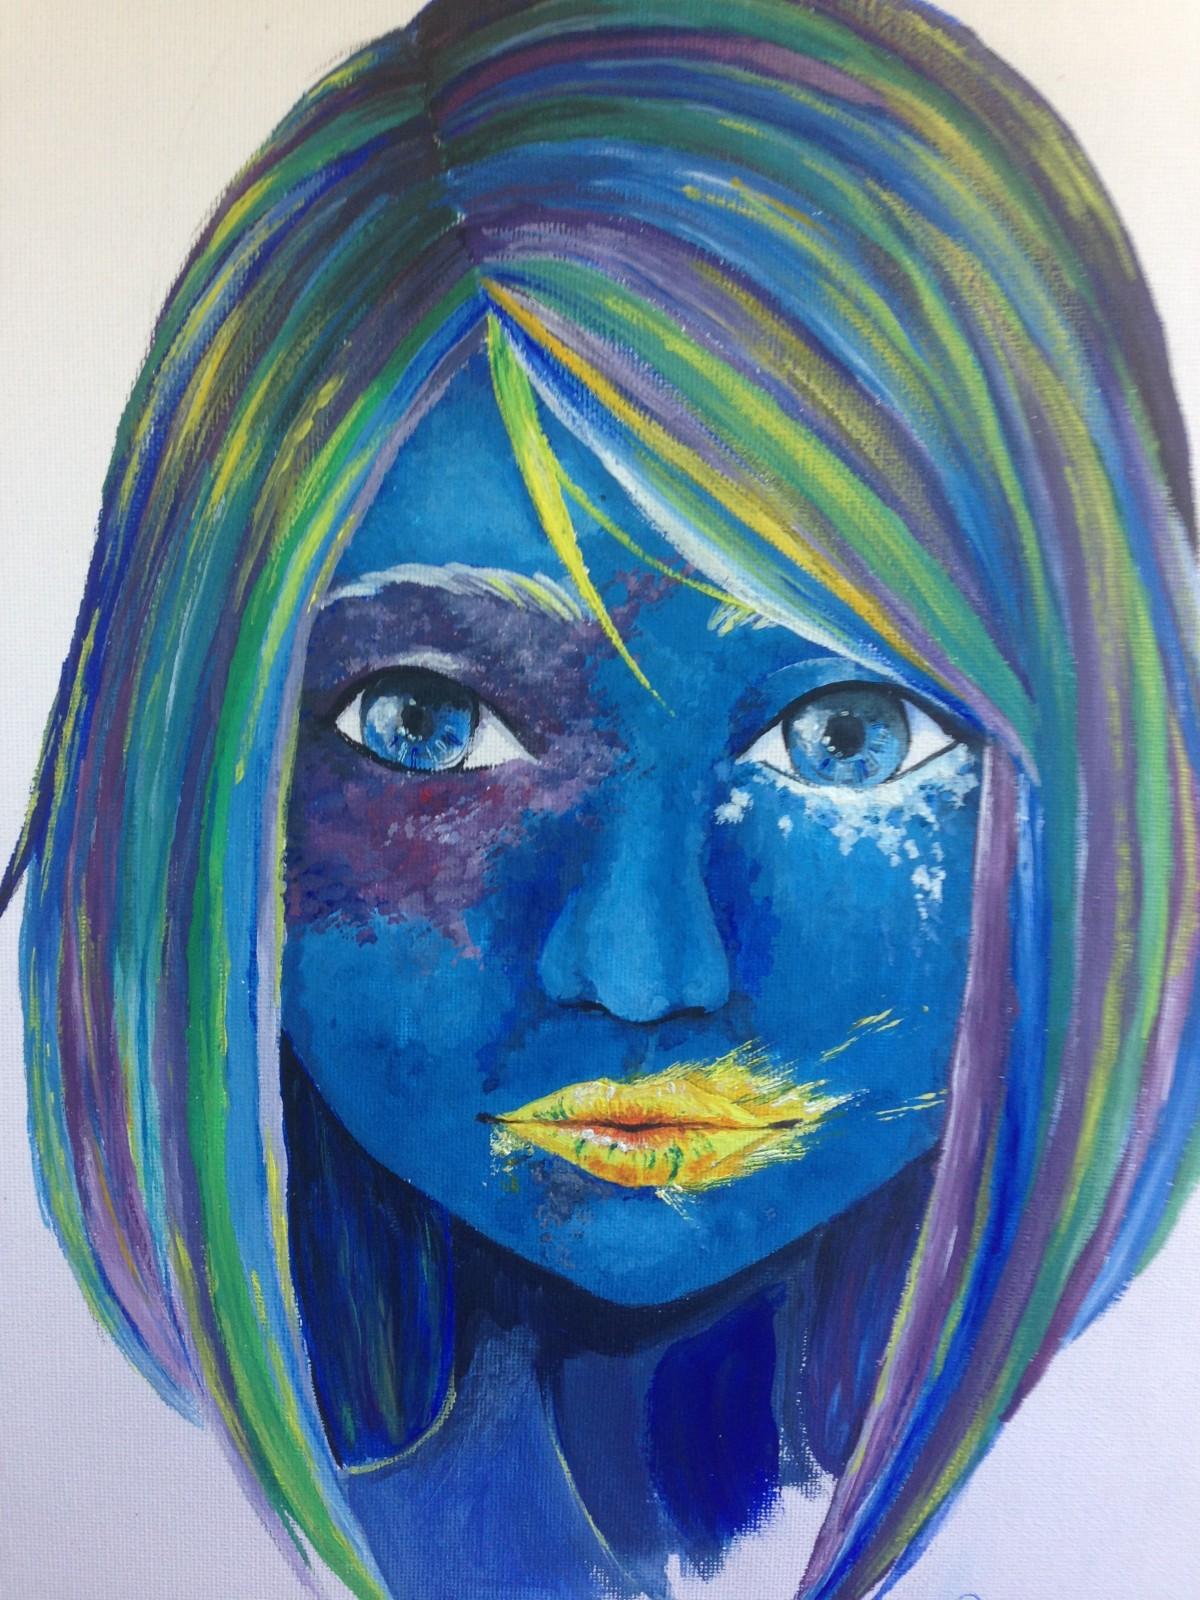 Kostenlose foto  Portrt Farbe blau Material Malerei